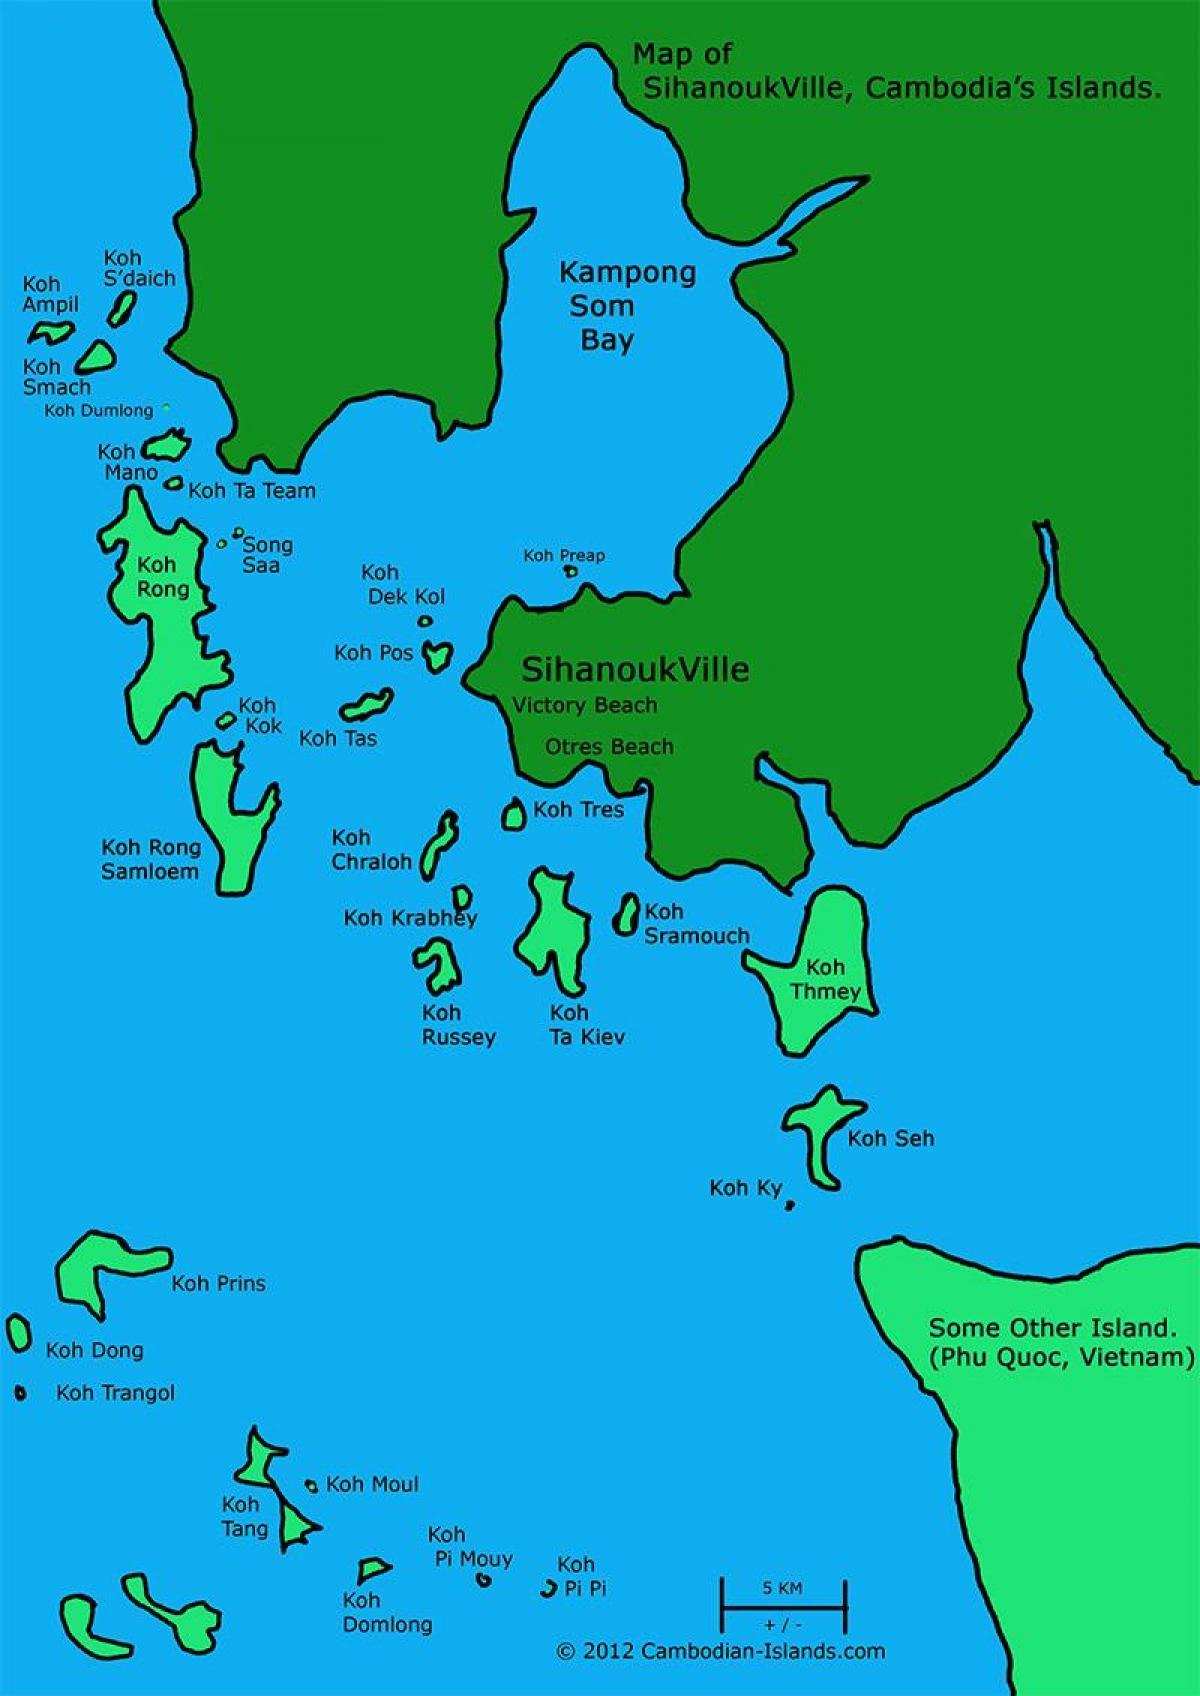 Kambodscha Karte.Sihanoukville Kambodscha Karte Karte Von Open Development